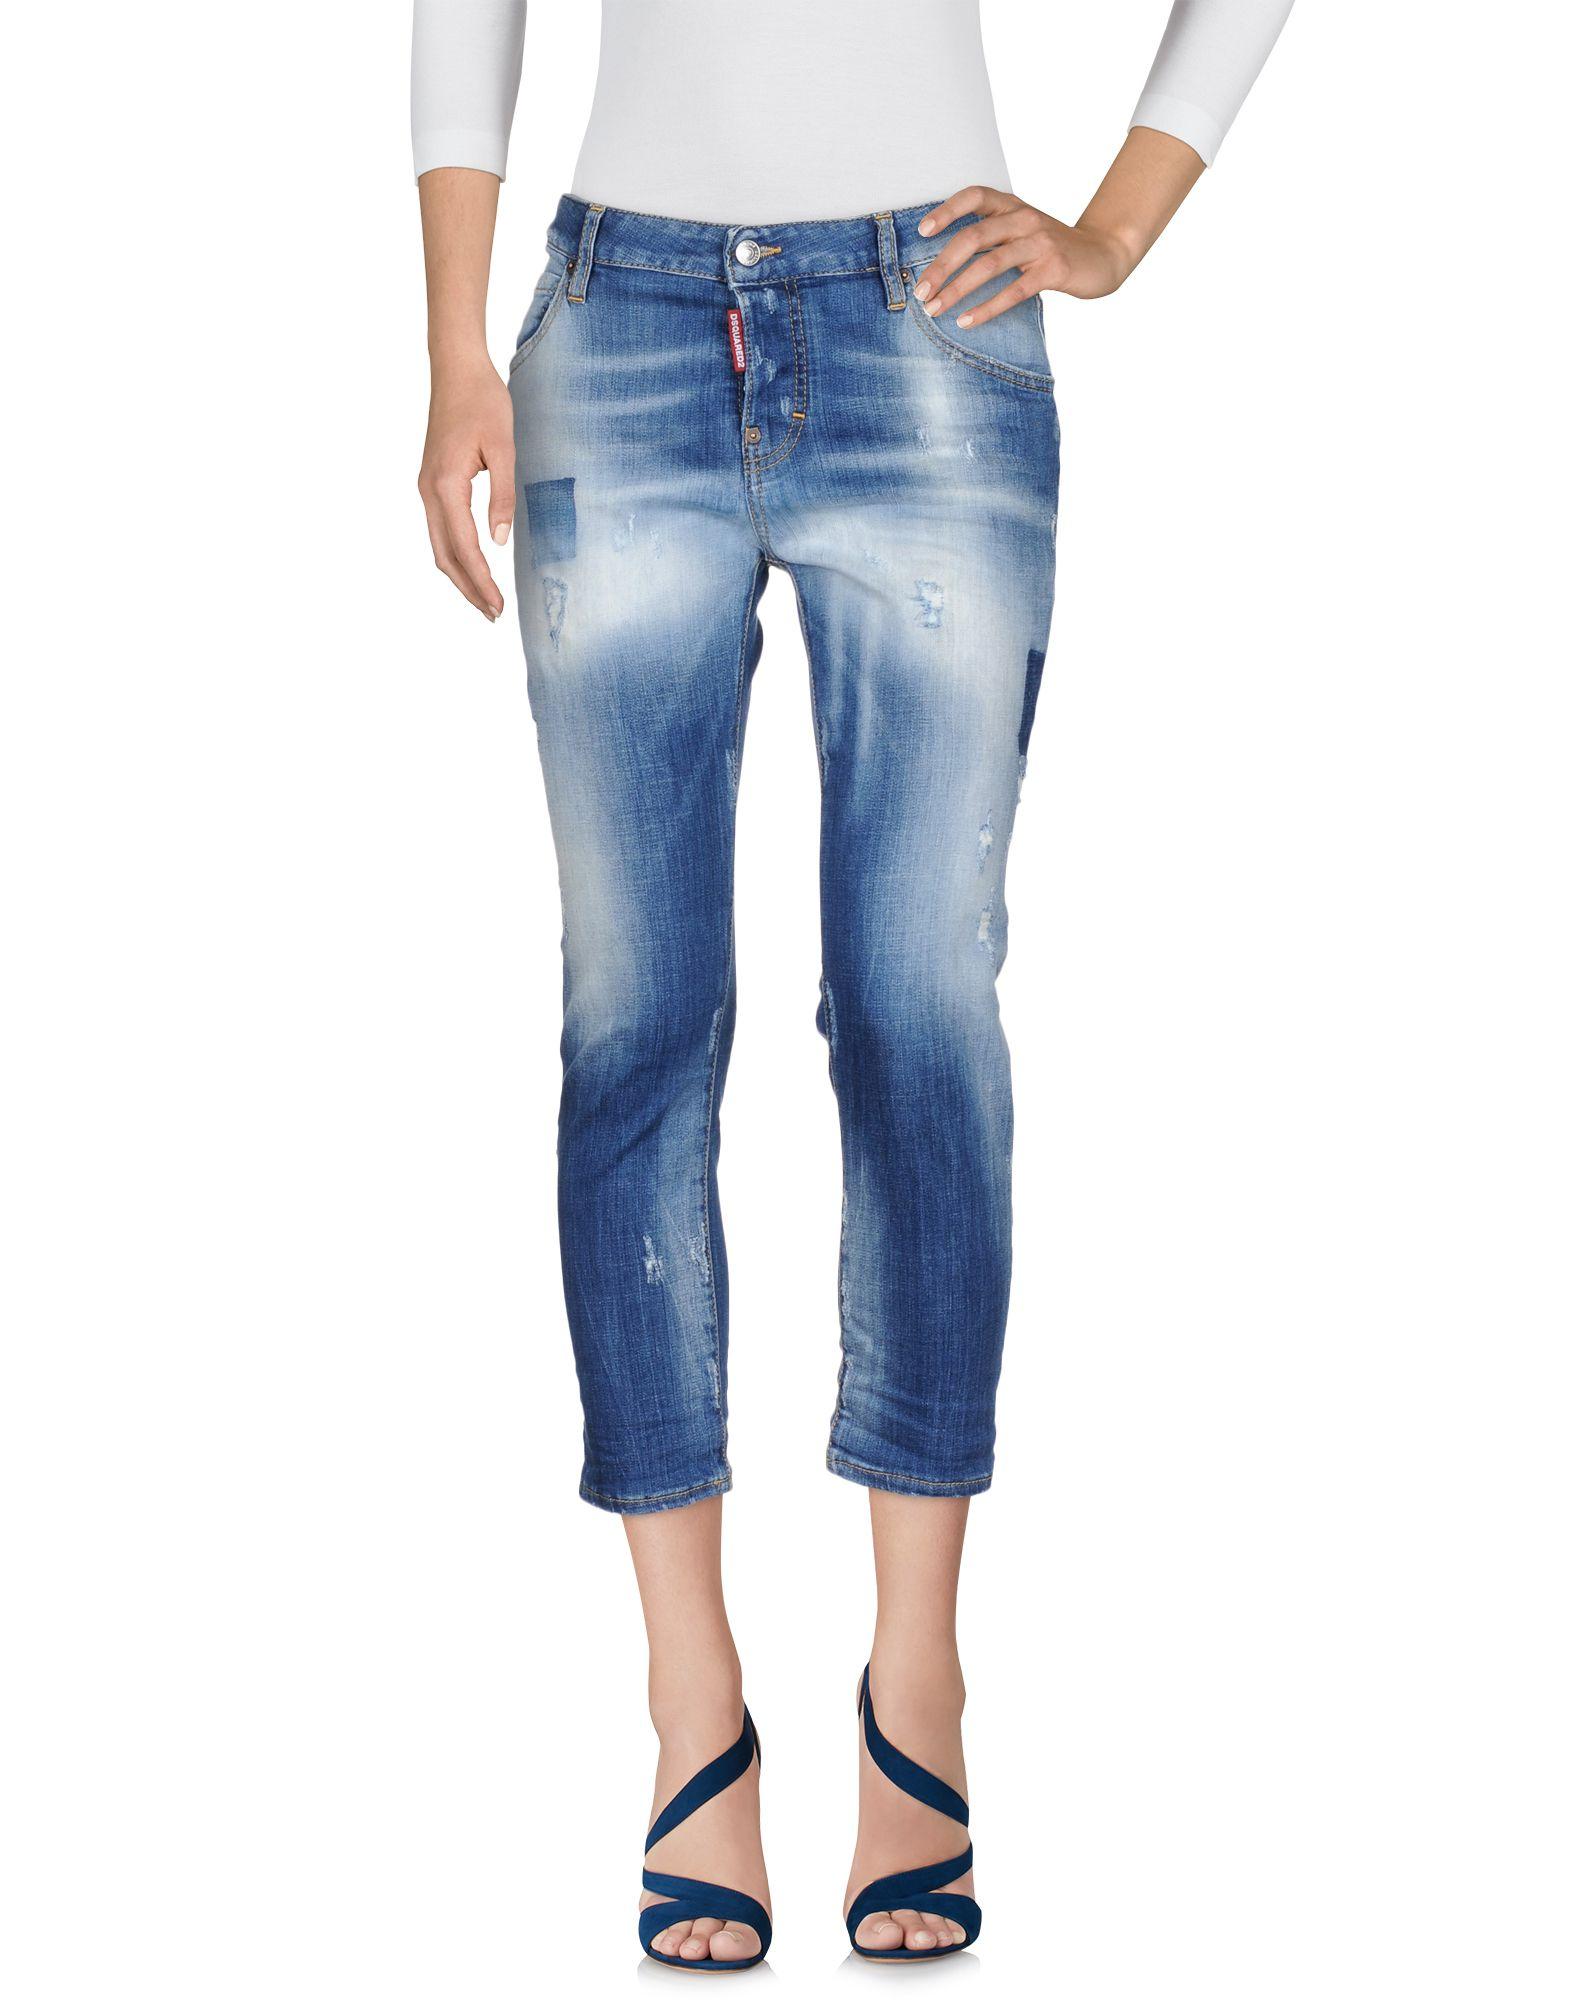 Pantaloni Jeans Dsquared2 Donna - Acquista online su XwmIJ